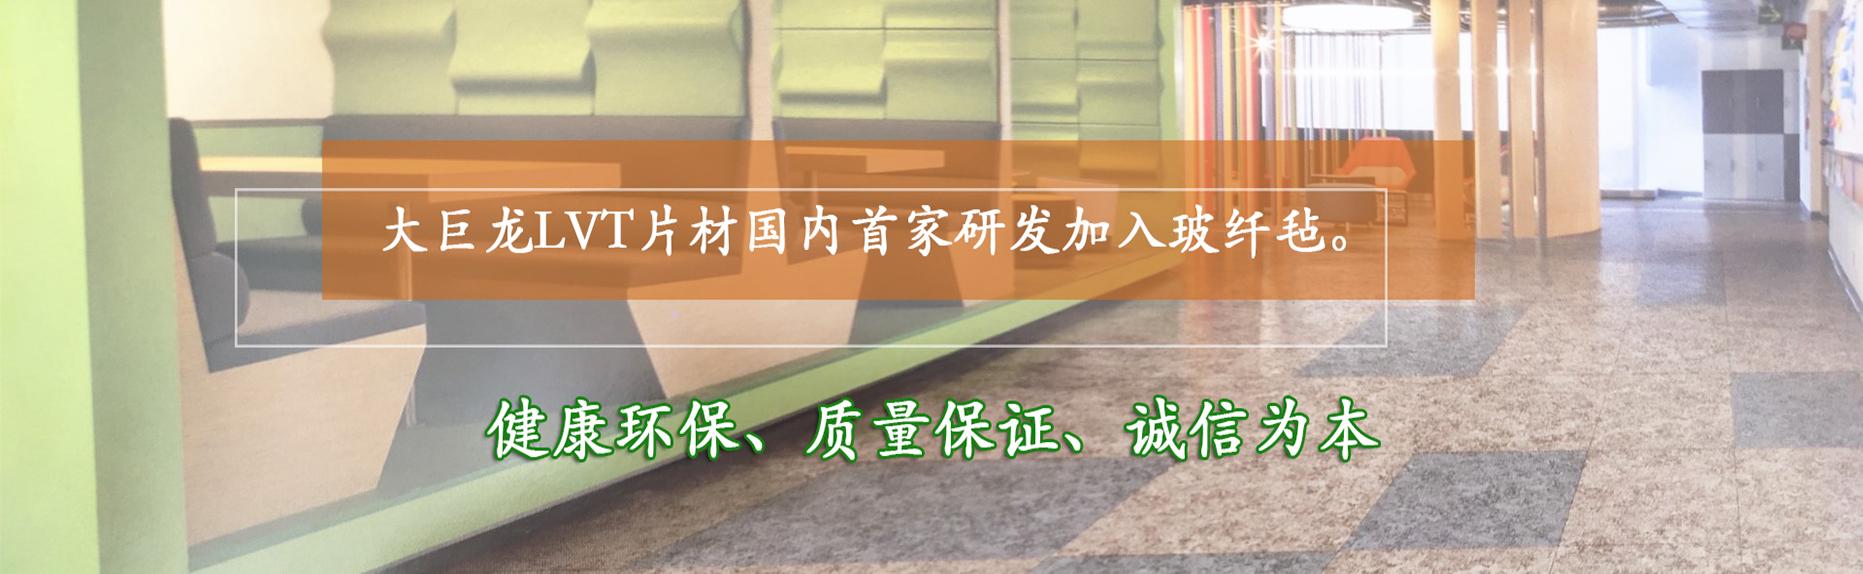 大巨龙片材地板-LVT,spc片材地板厂家